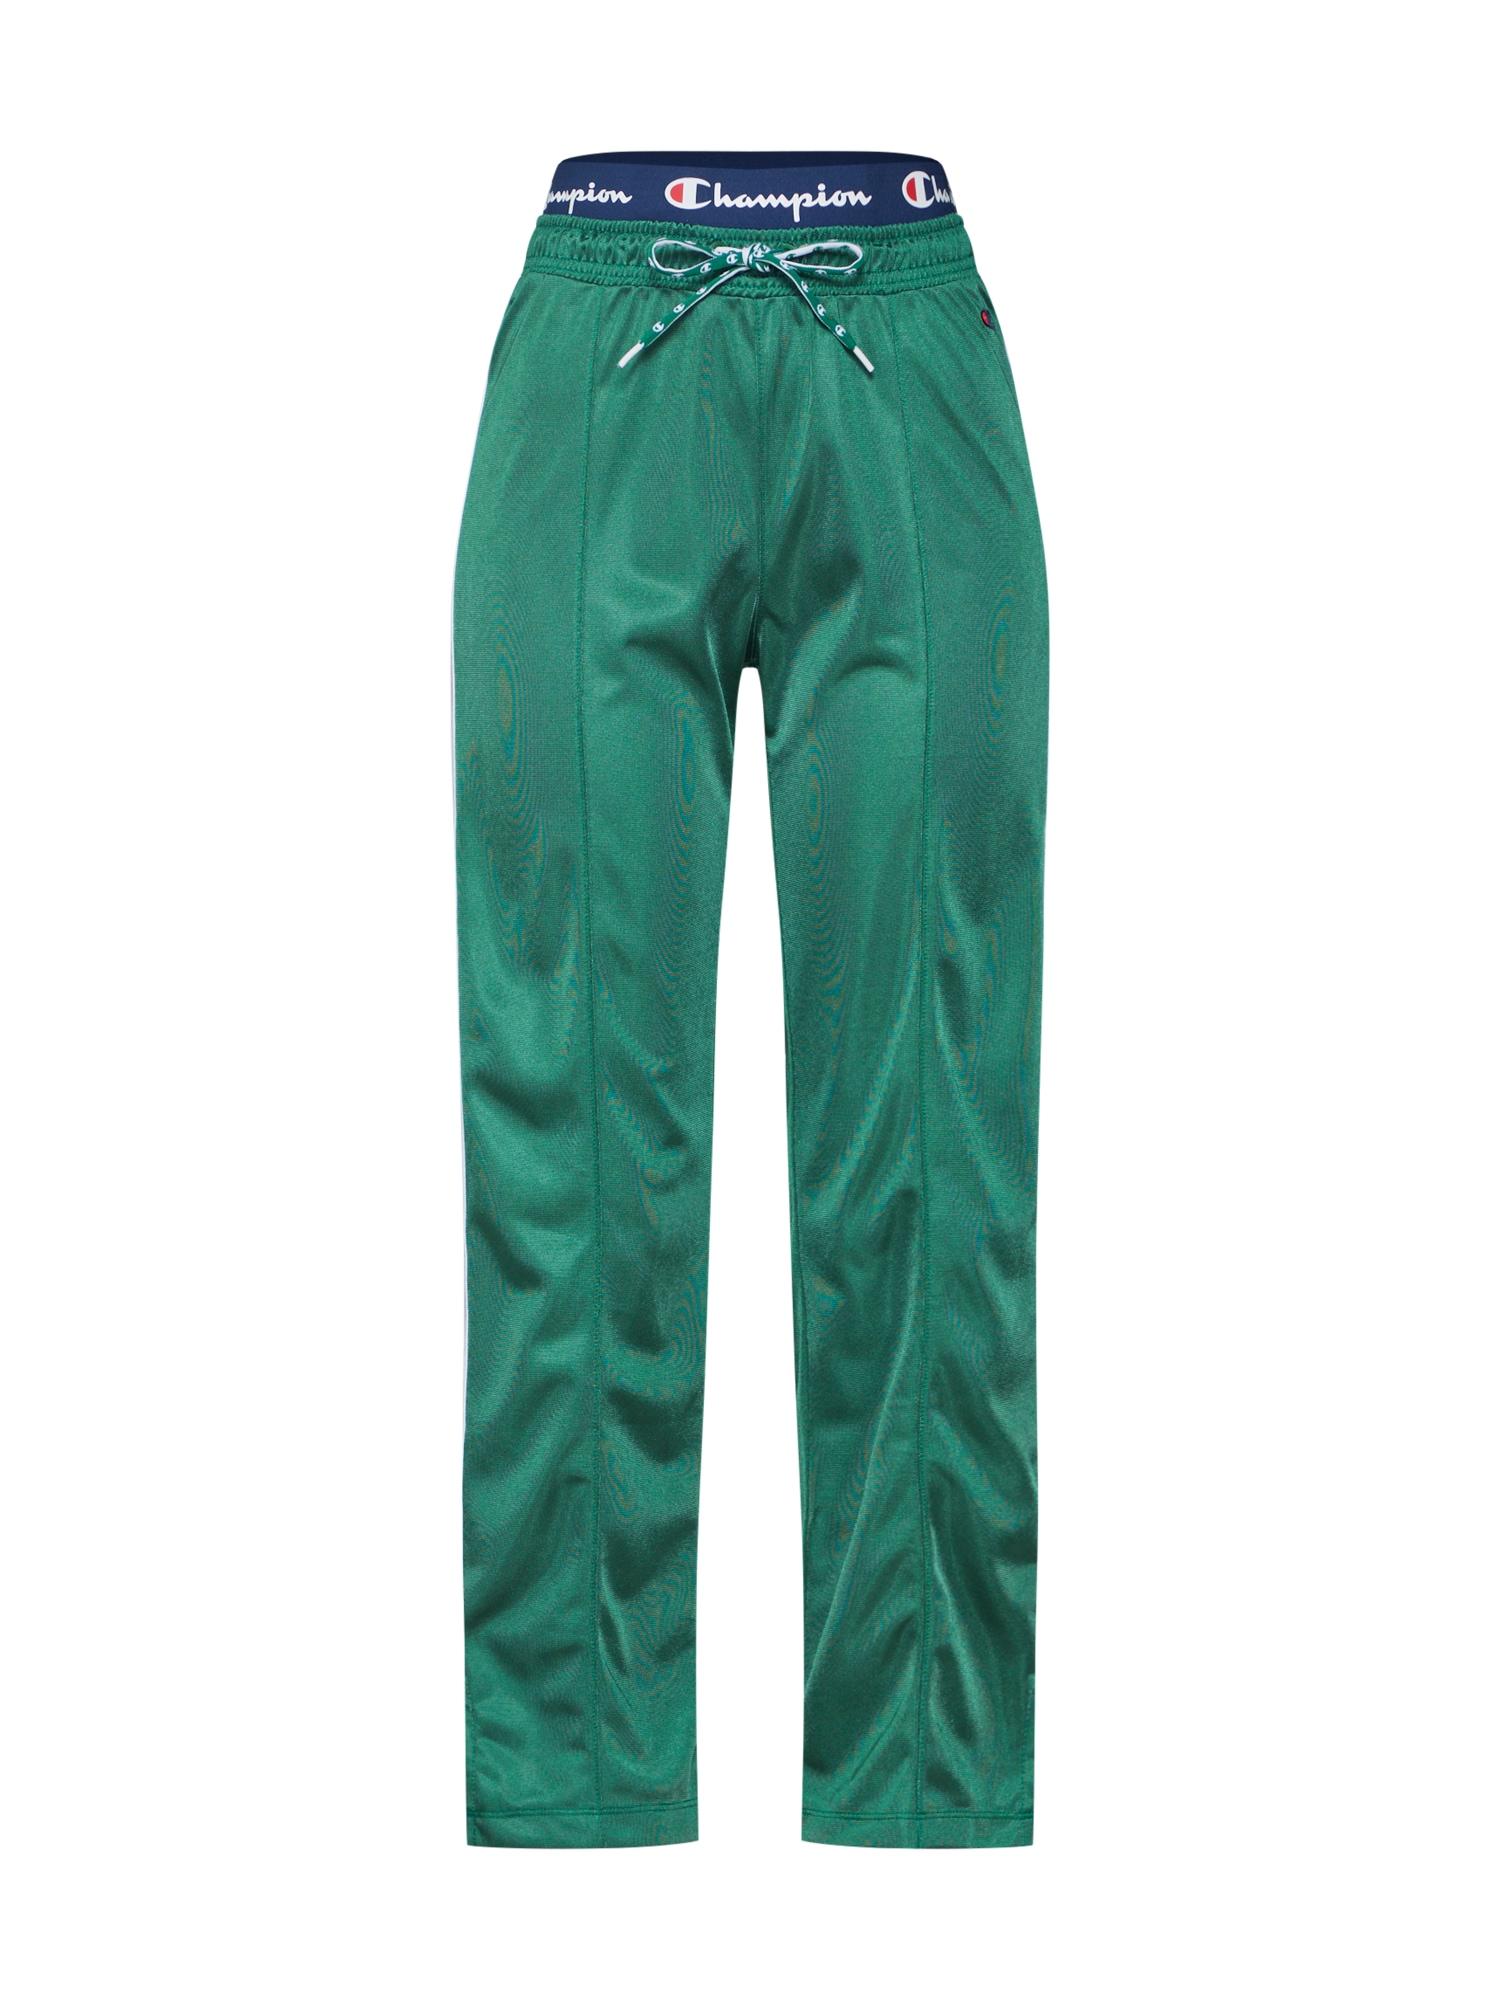 Kalhoty Rochester Straight Hem Pants Brand Manifesto modrá zelená červená Champion Authentic Athletic Apparel